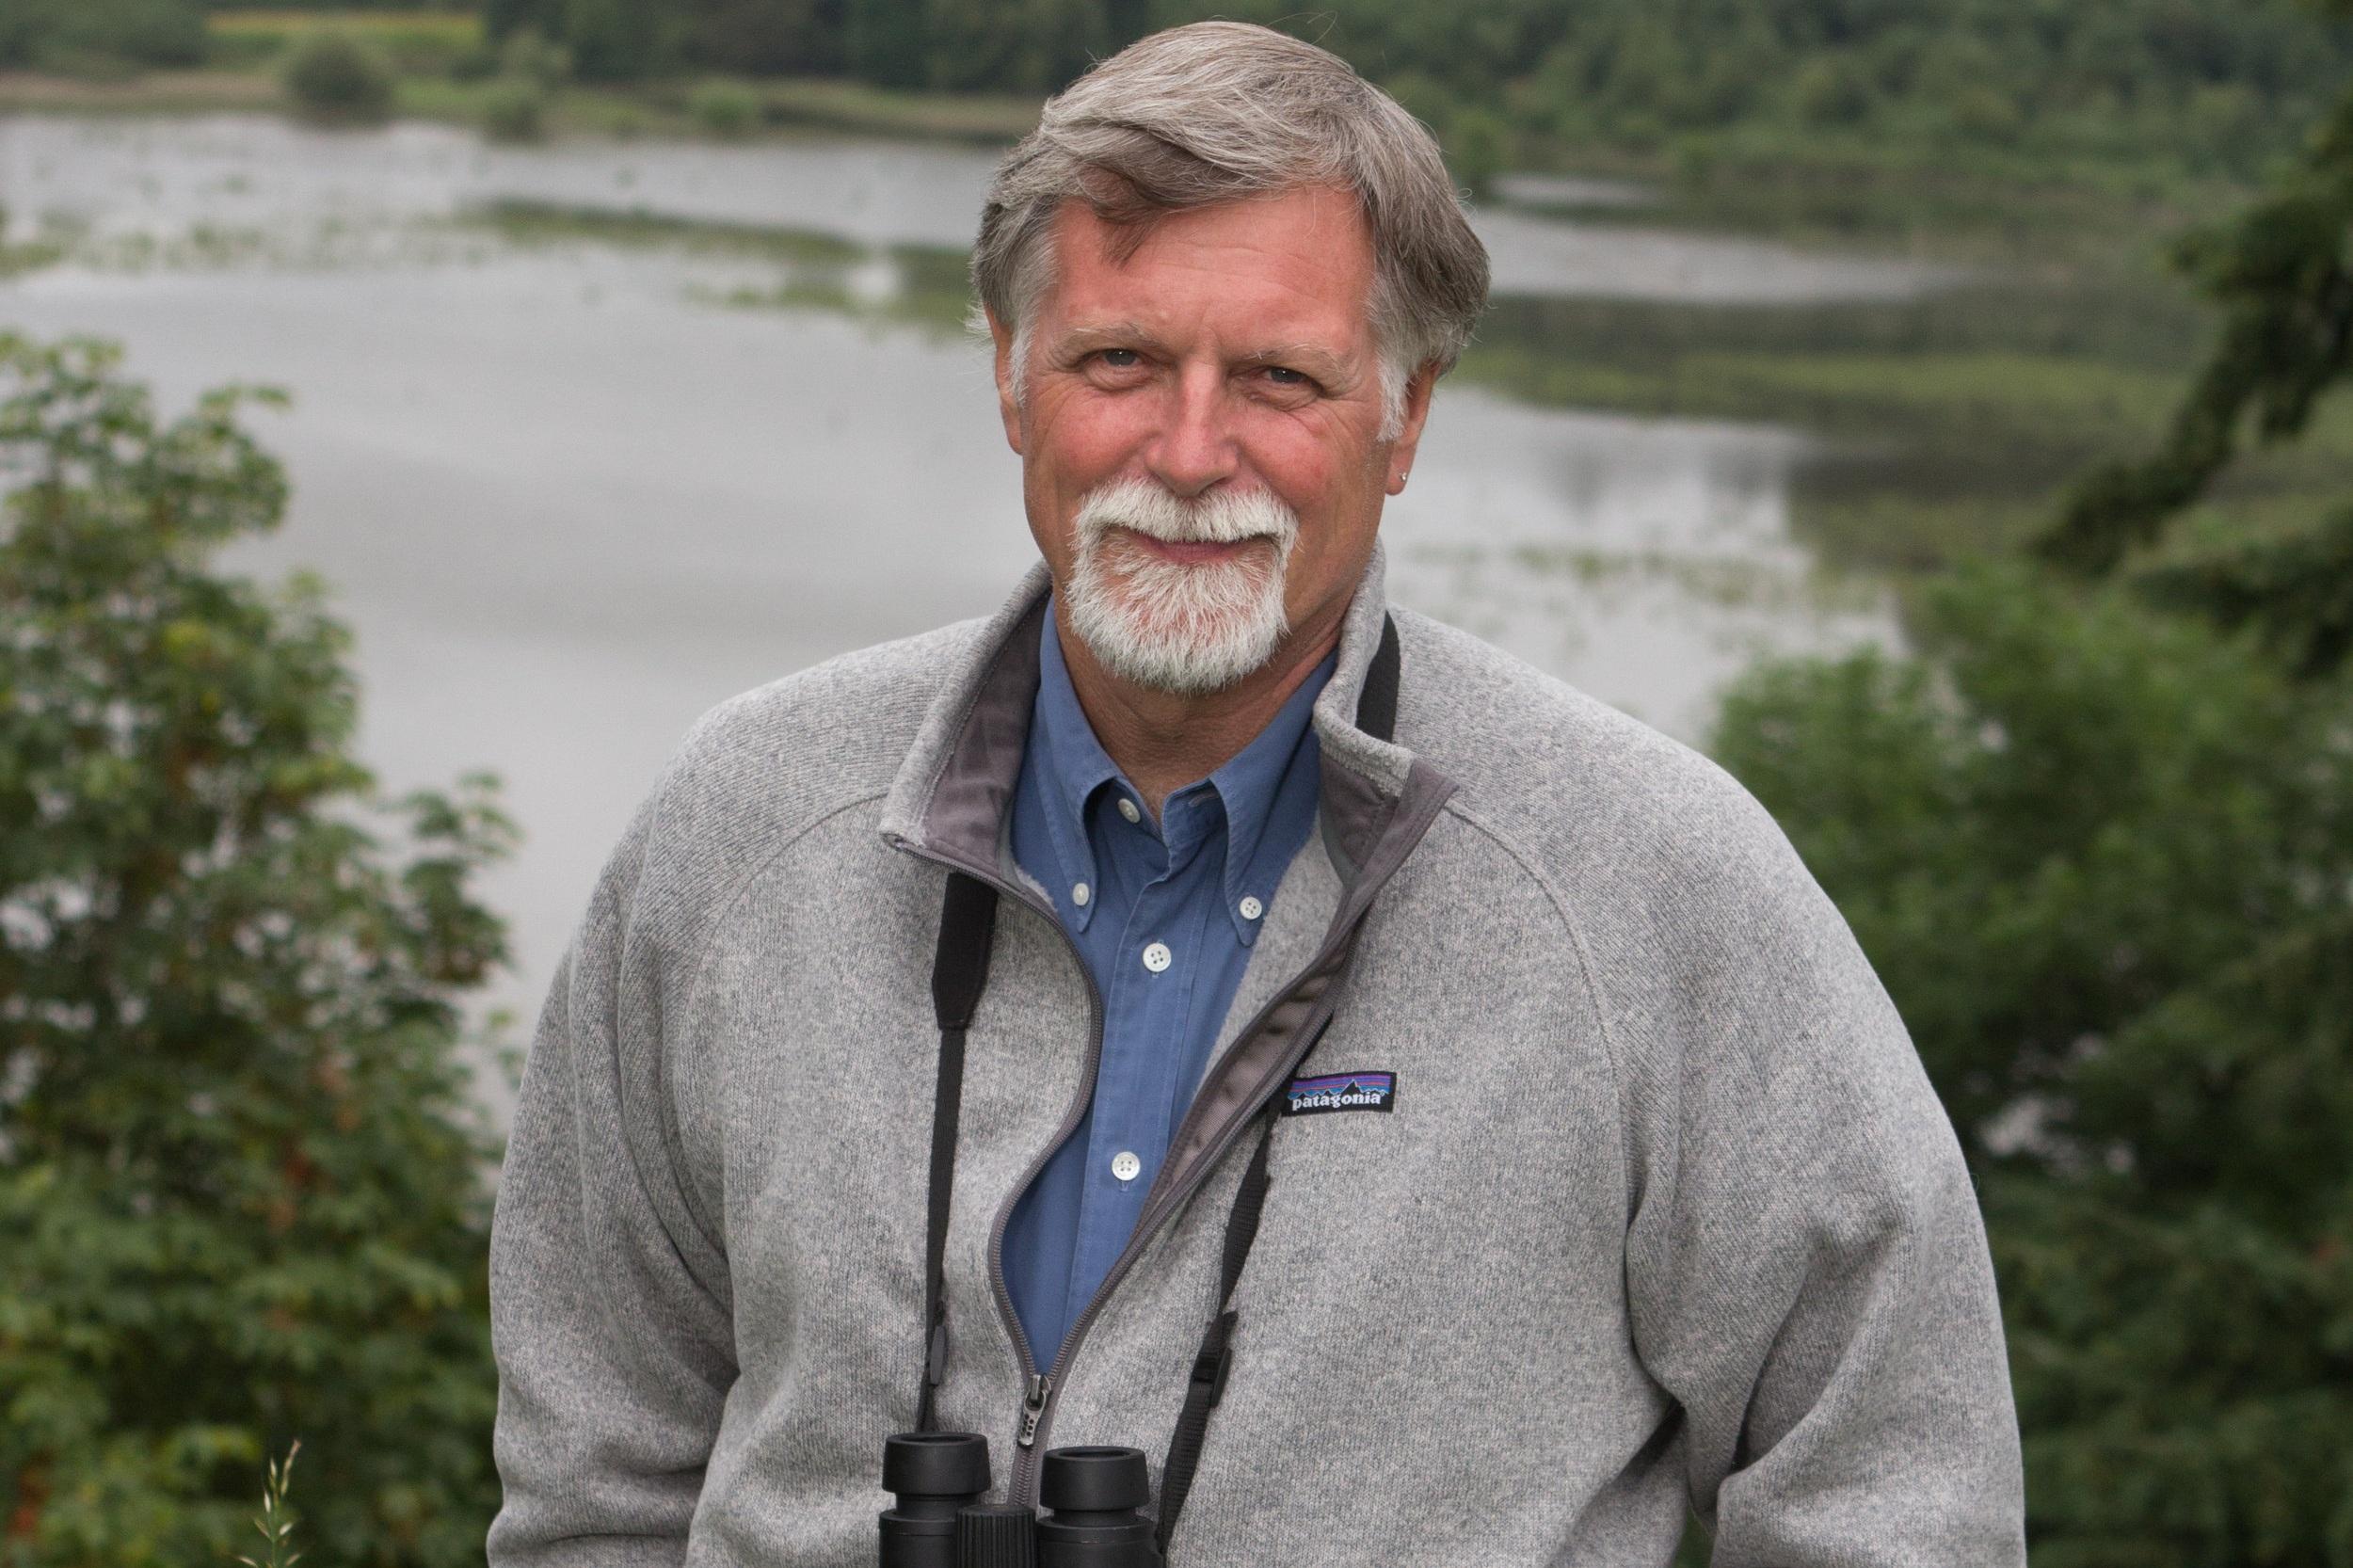 Mike+Houck+at+Oaks+Bottom+Wildlife+Refuge+Photo+Michael+Wilhelm.jpg